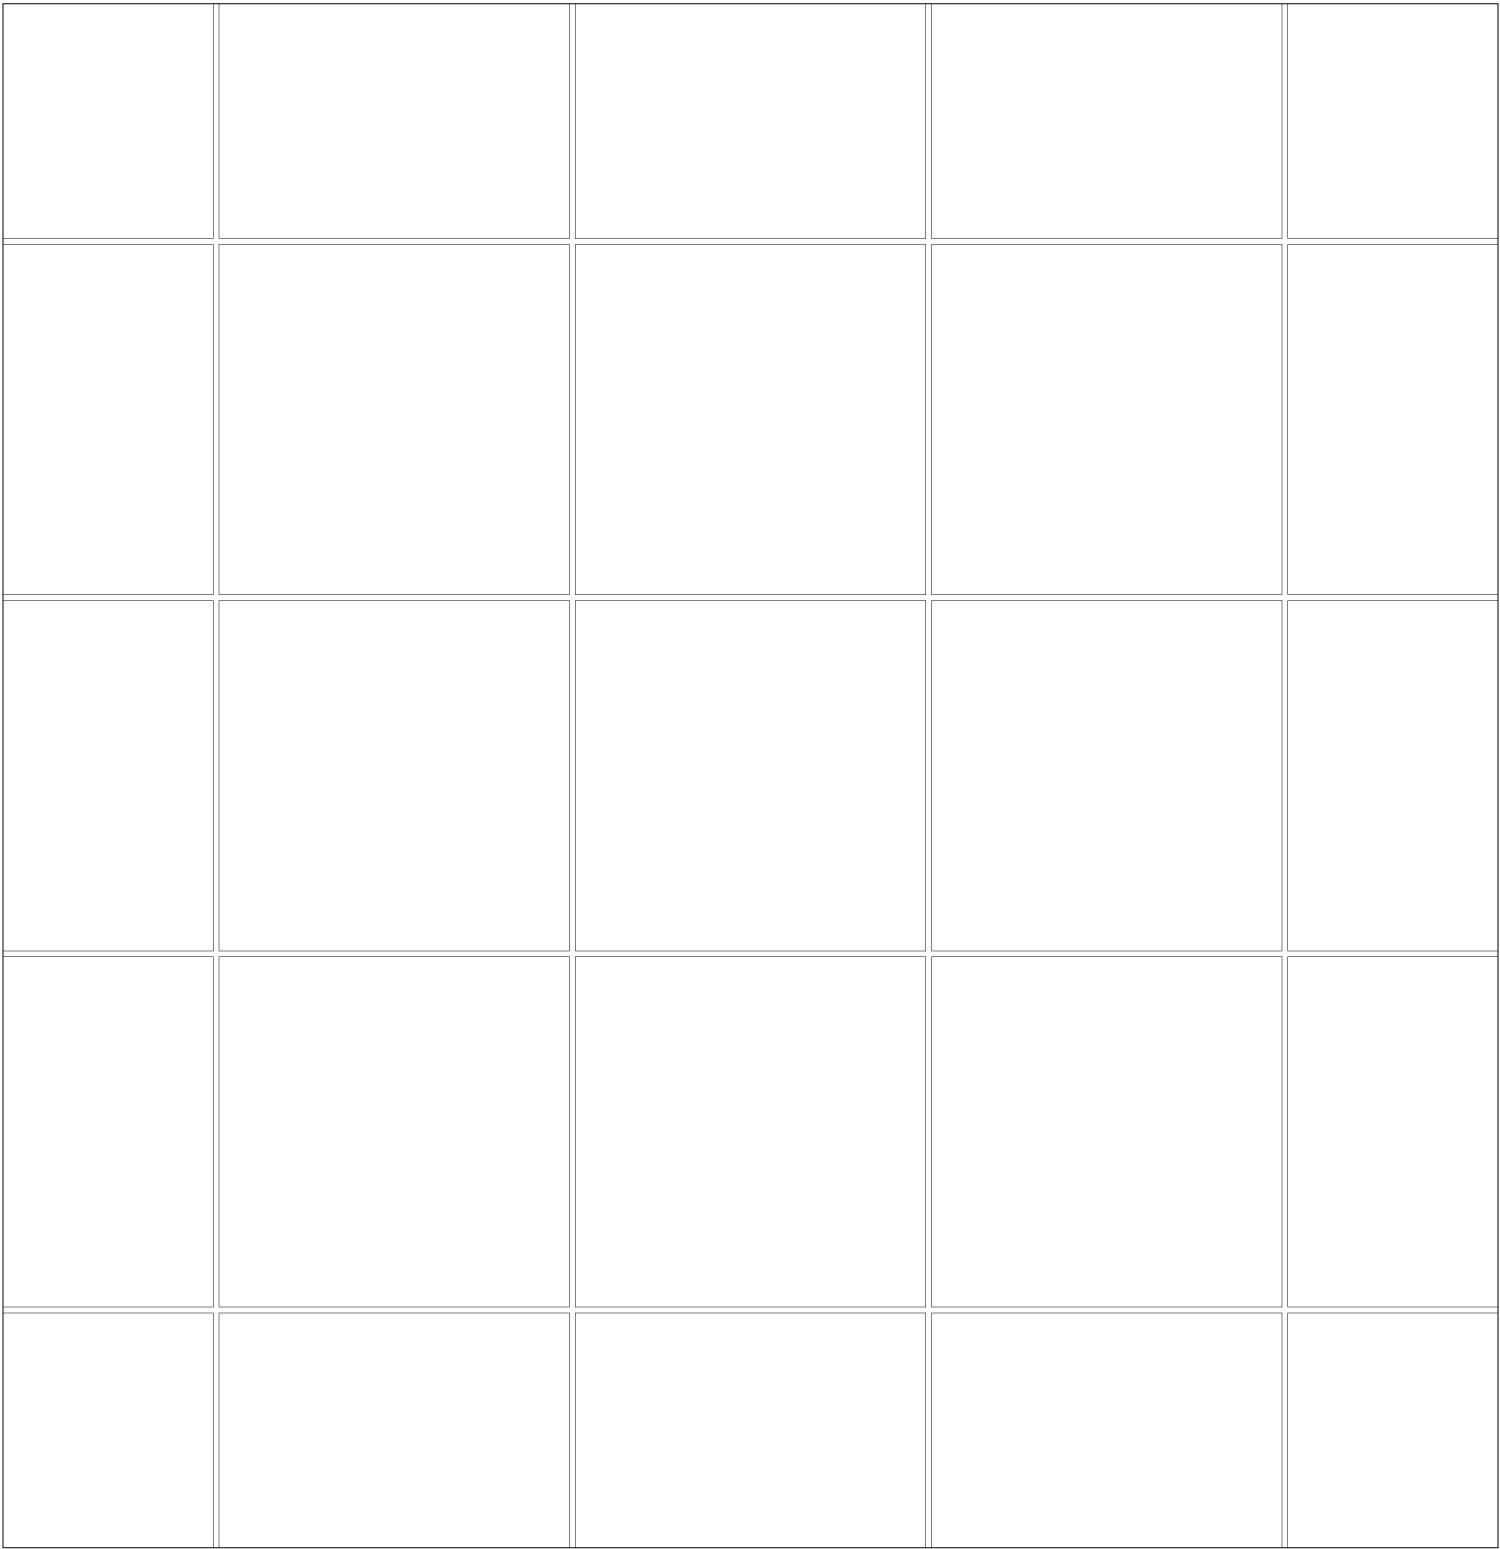 Marazzi burlington gres effetto pietra - Tipi di posa piastrelle ...